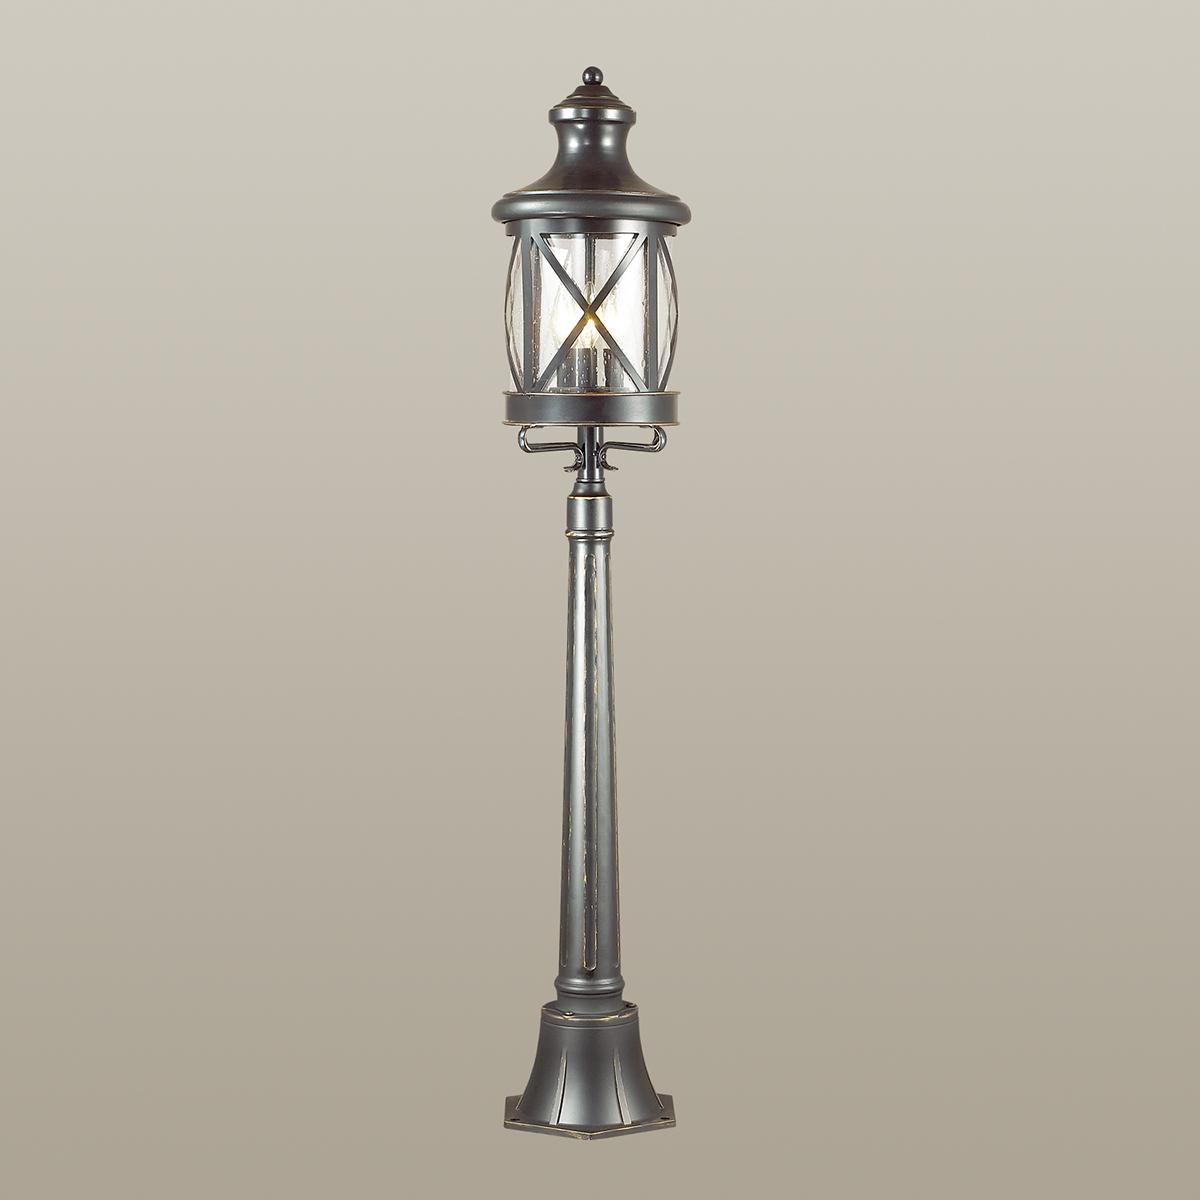 Уличный фонарь Odeon Light Nature Sation 4045/3F, IP44, 3xE14x60W, черный, черный с прозрачным, металл, ковка, металл со стеклом - фото 2